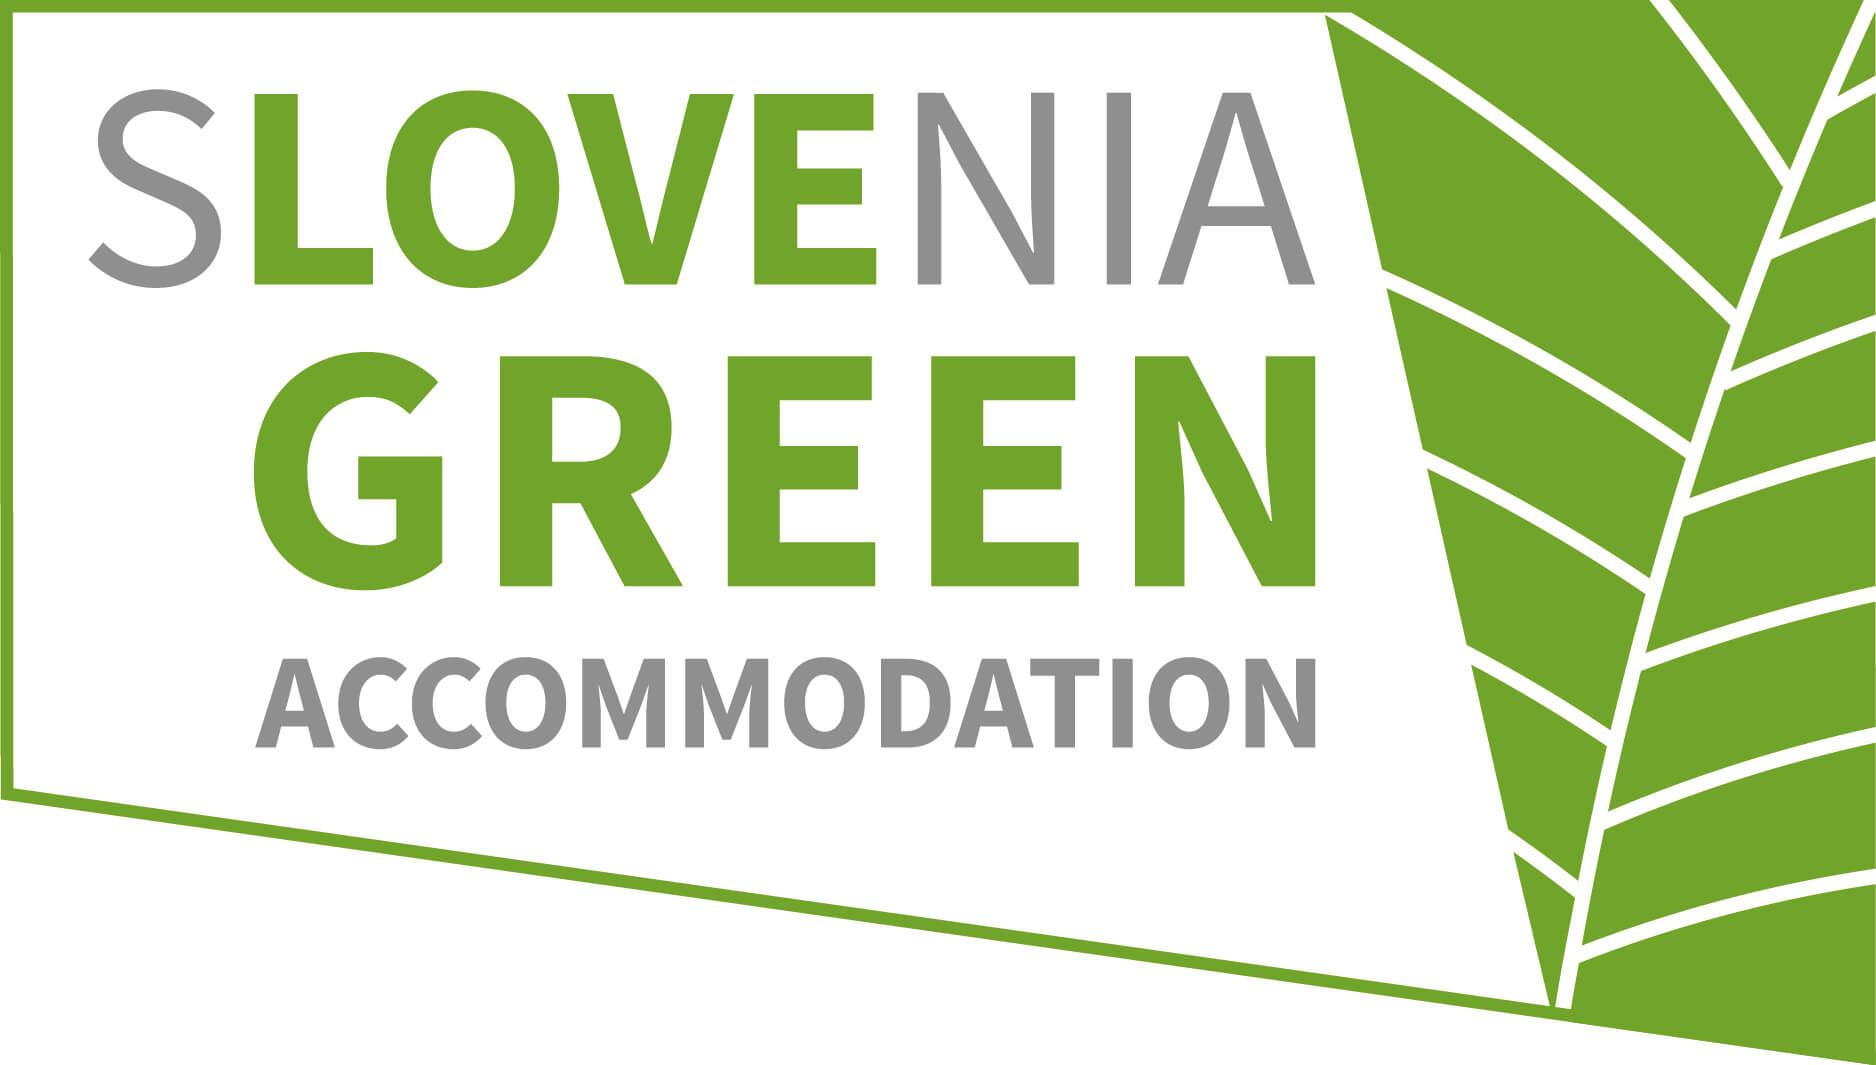 slovenia-green-accommodation